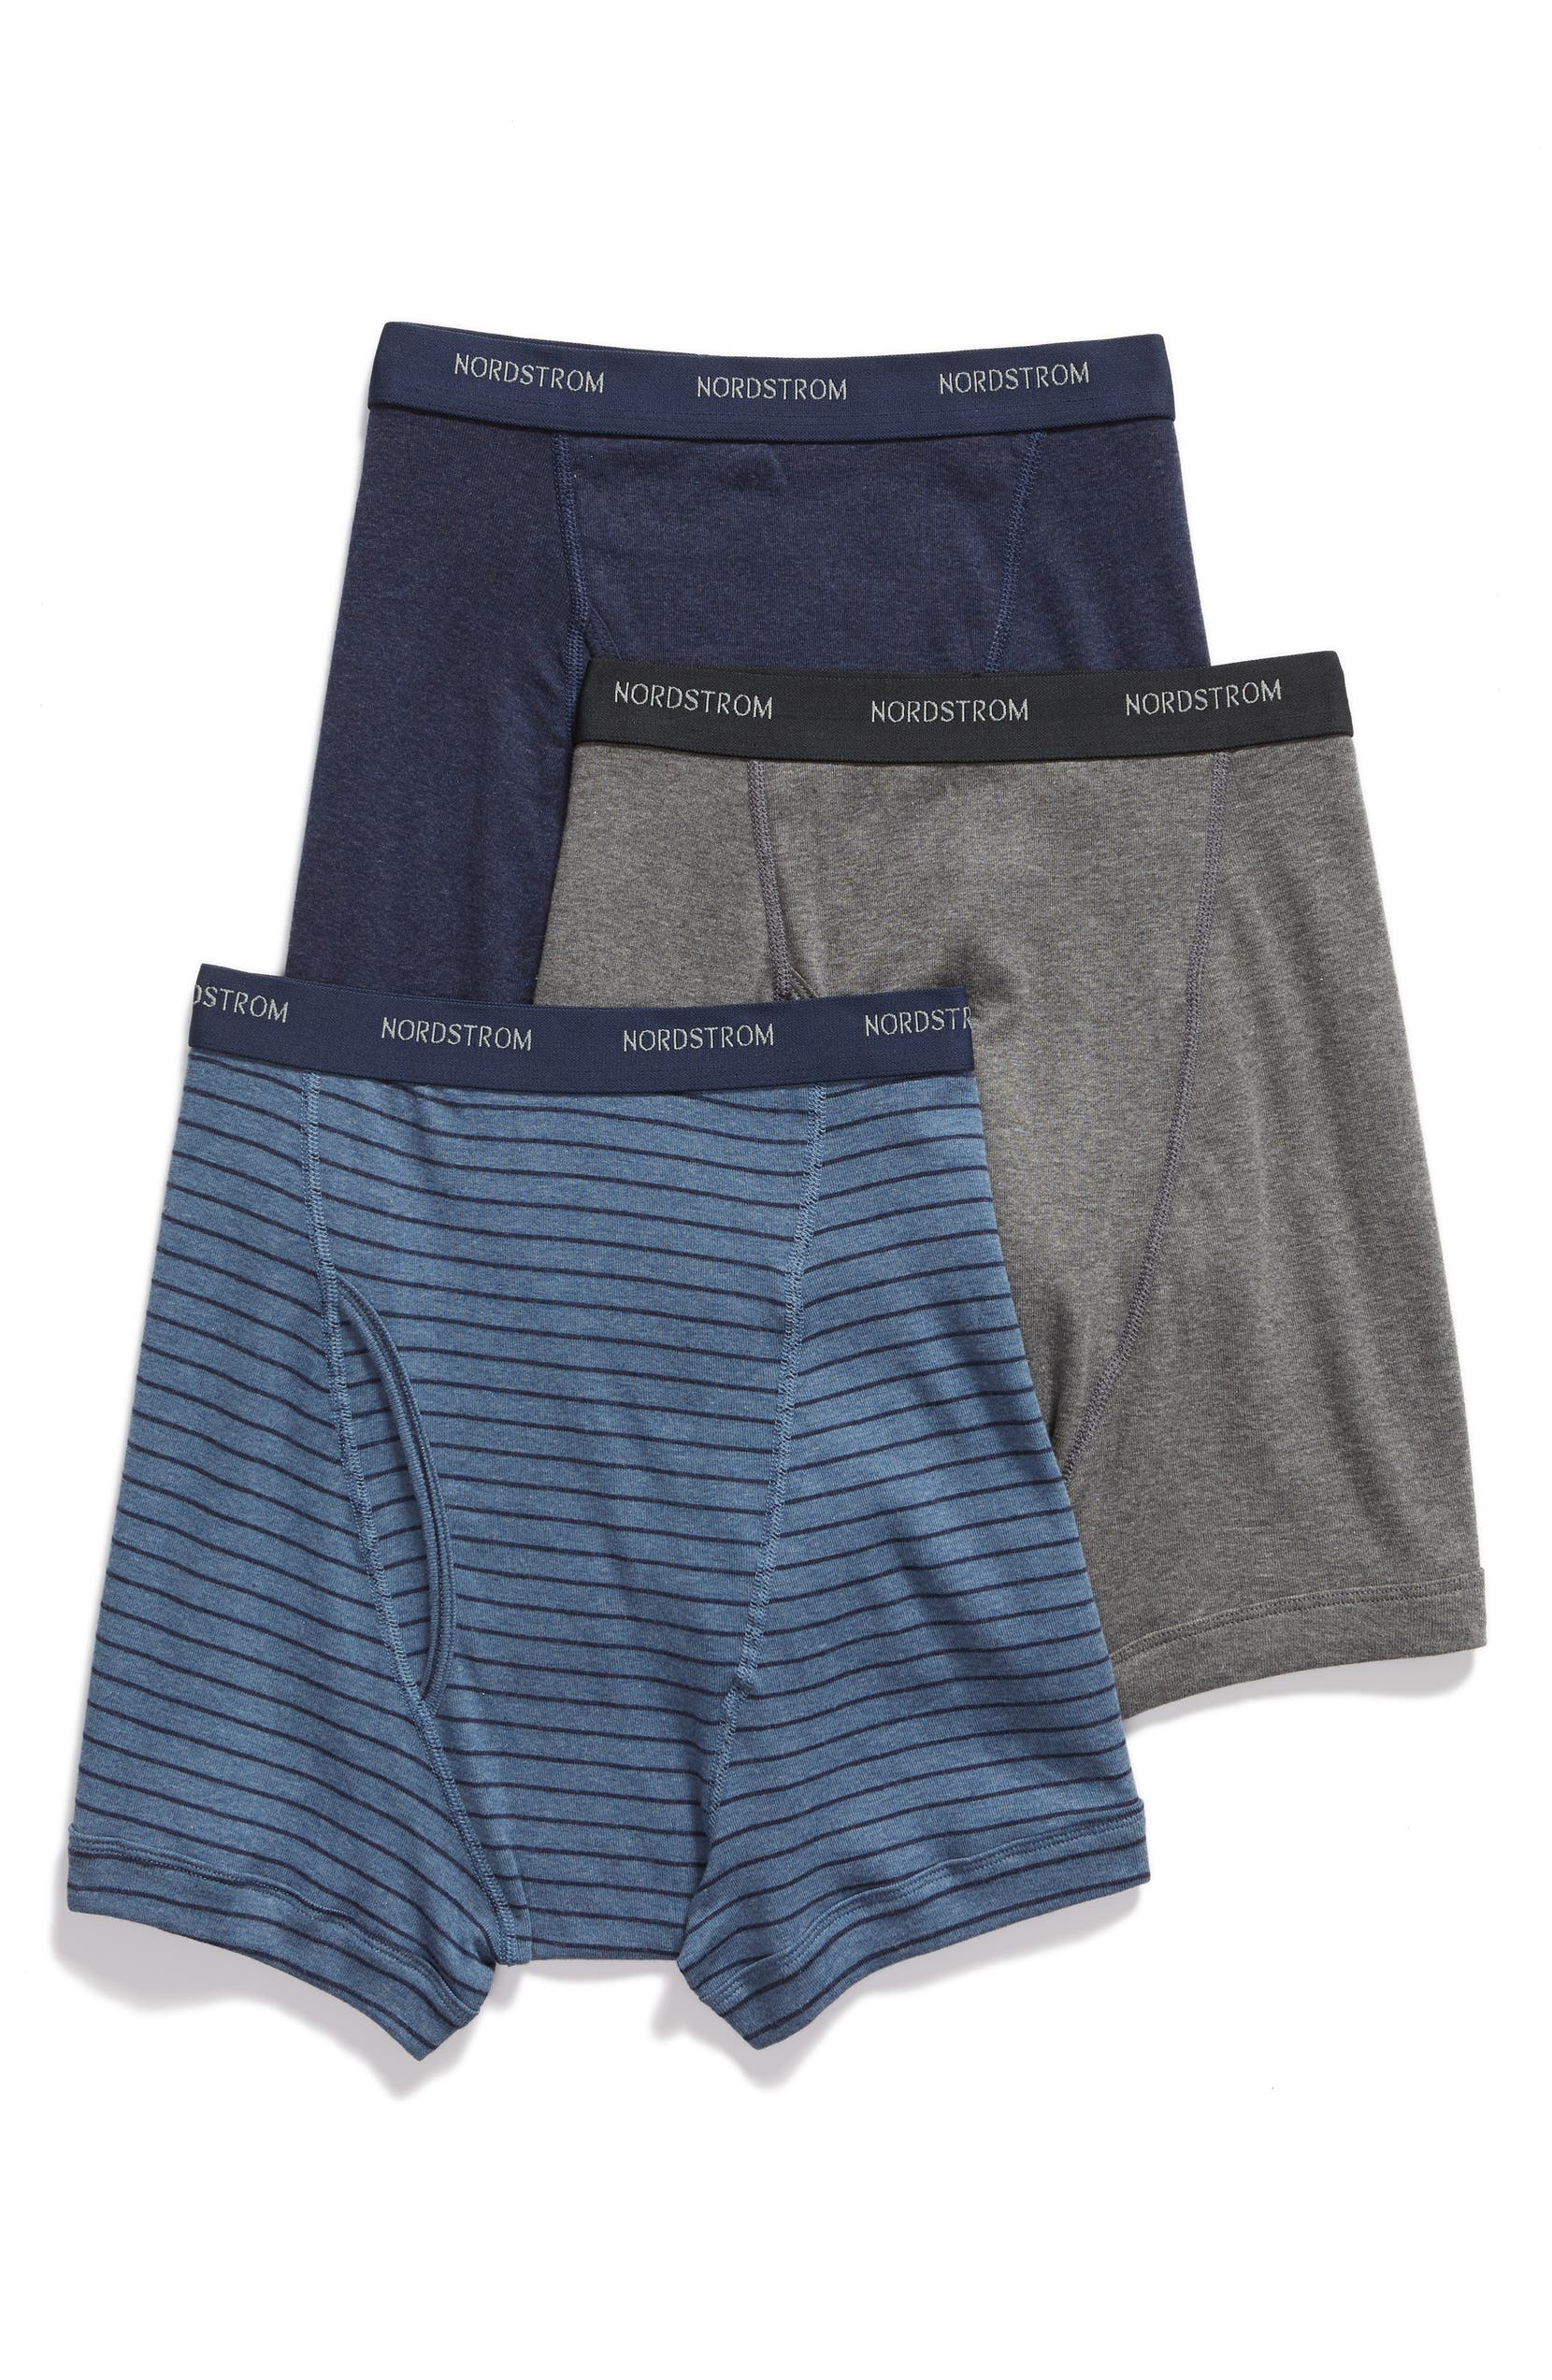 8a27f5b13d Nordstrom Mens Shop 3-Pack Supima® Cotton Boxer Briefs